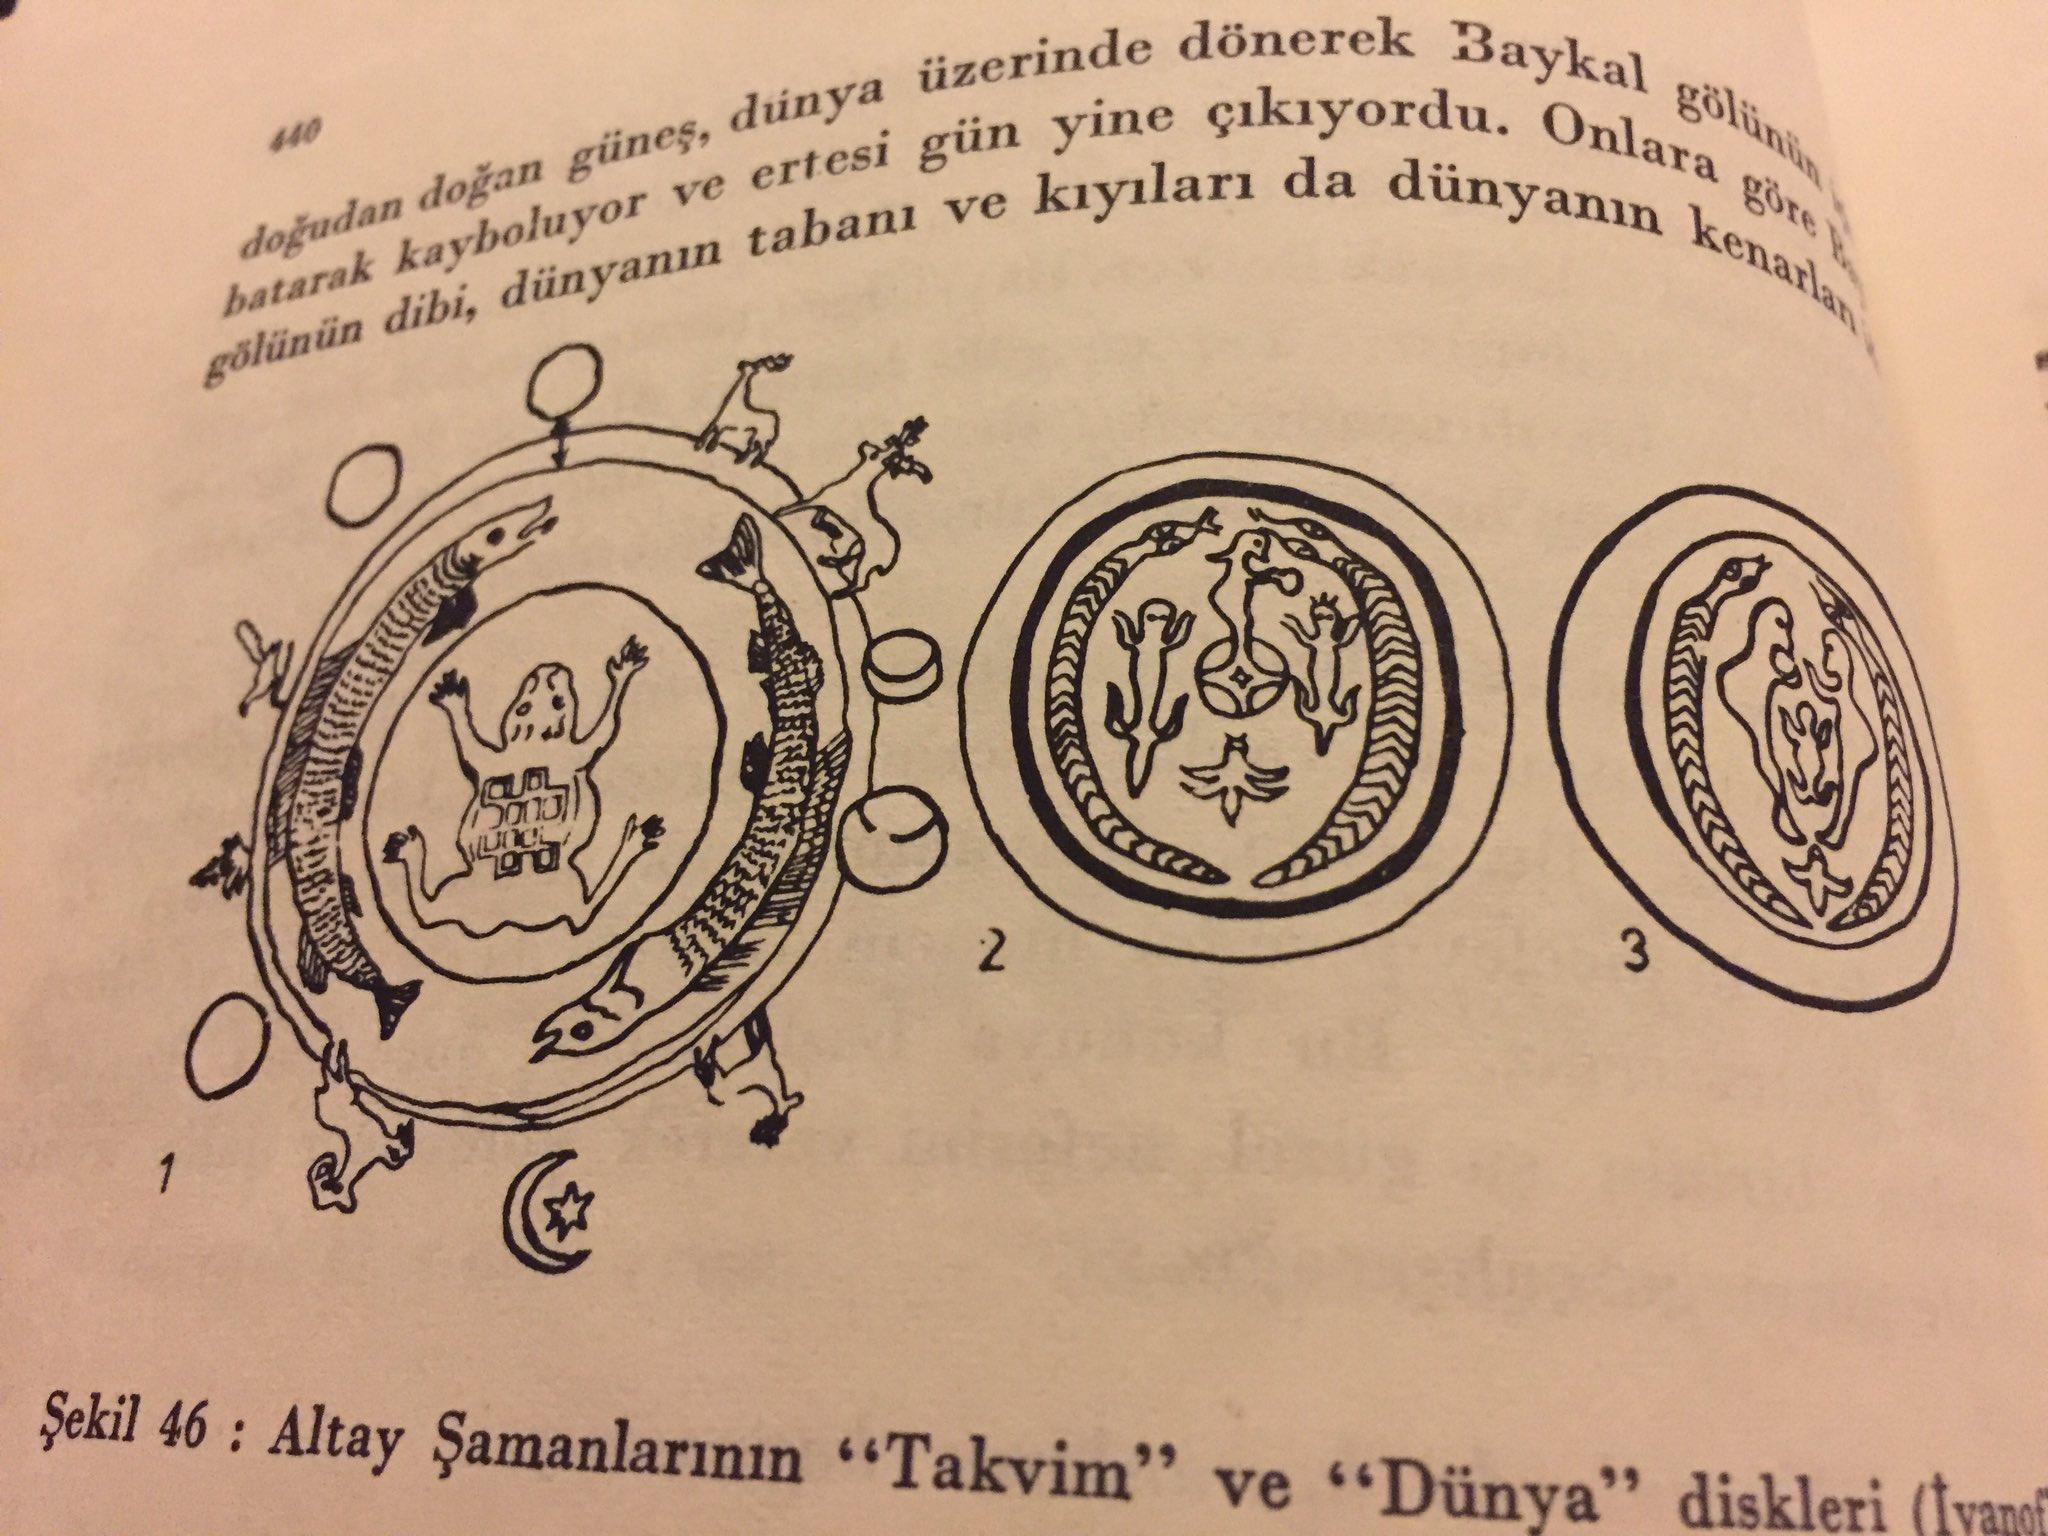 altay şamanlarının düz dünyacı olması